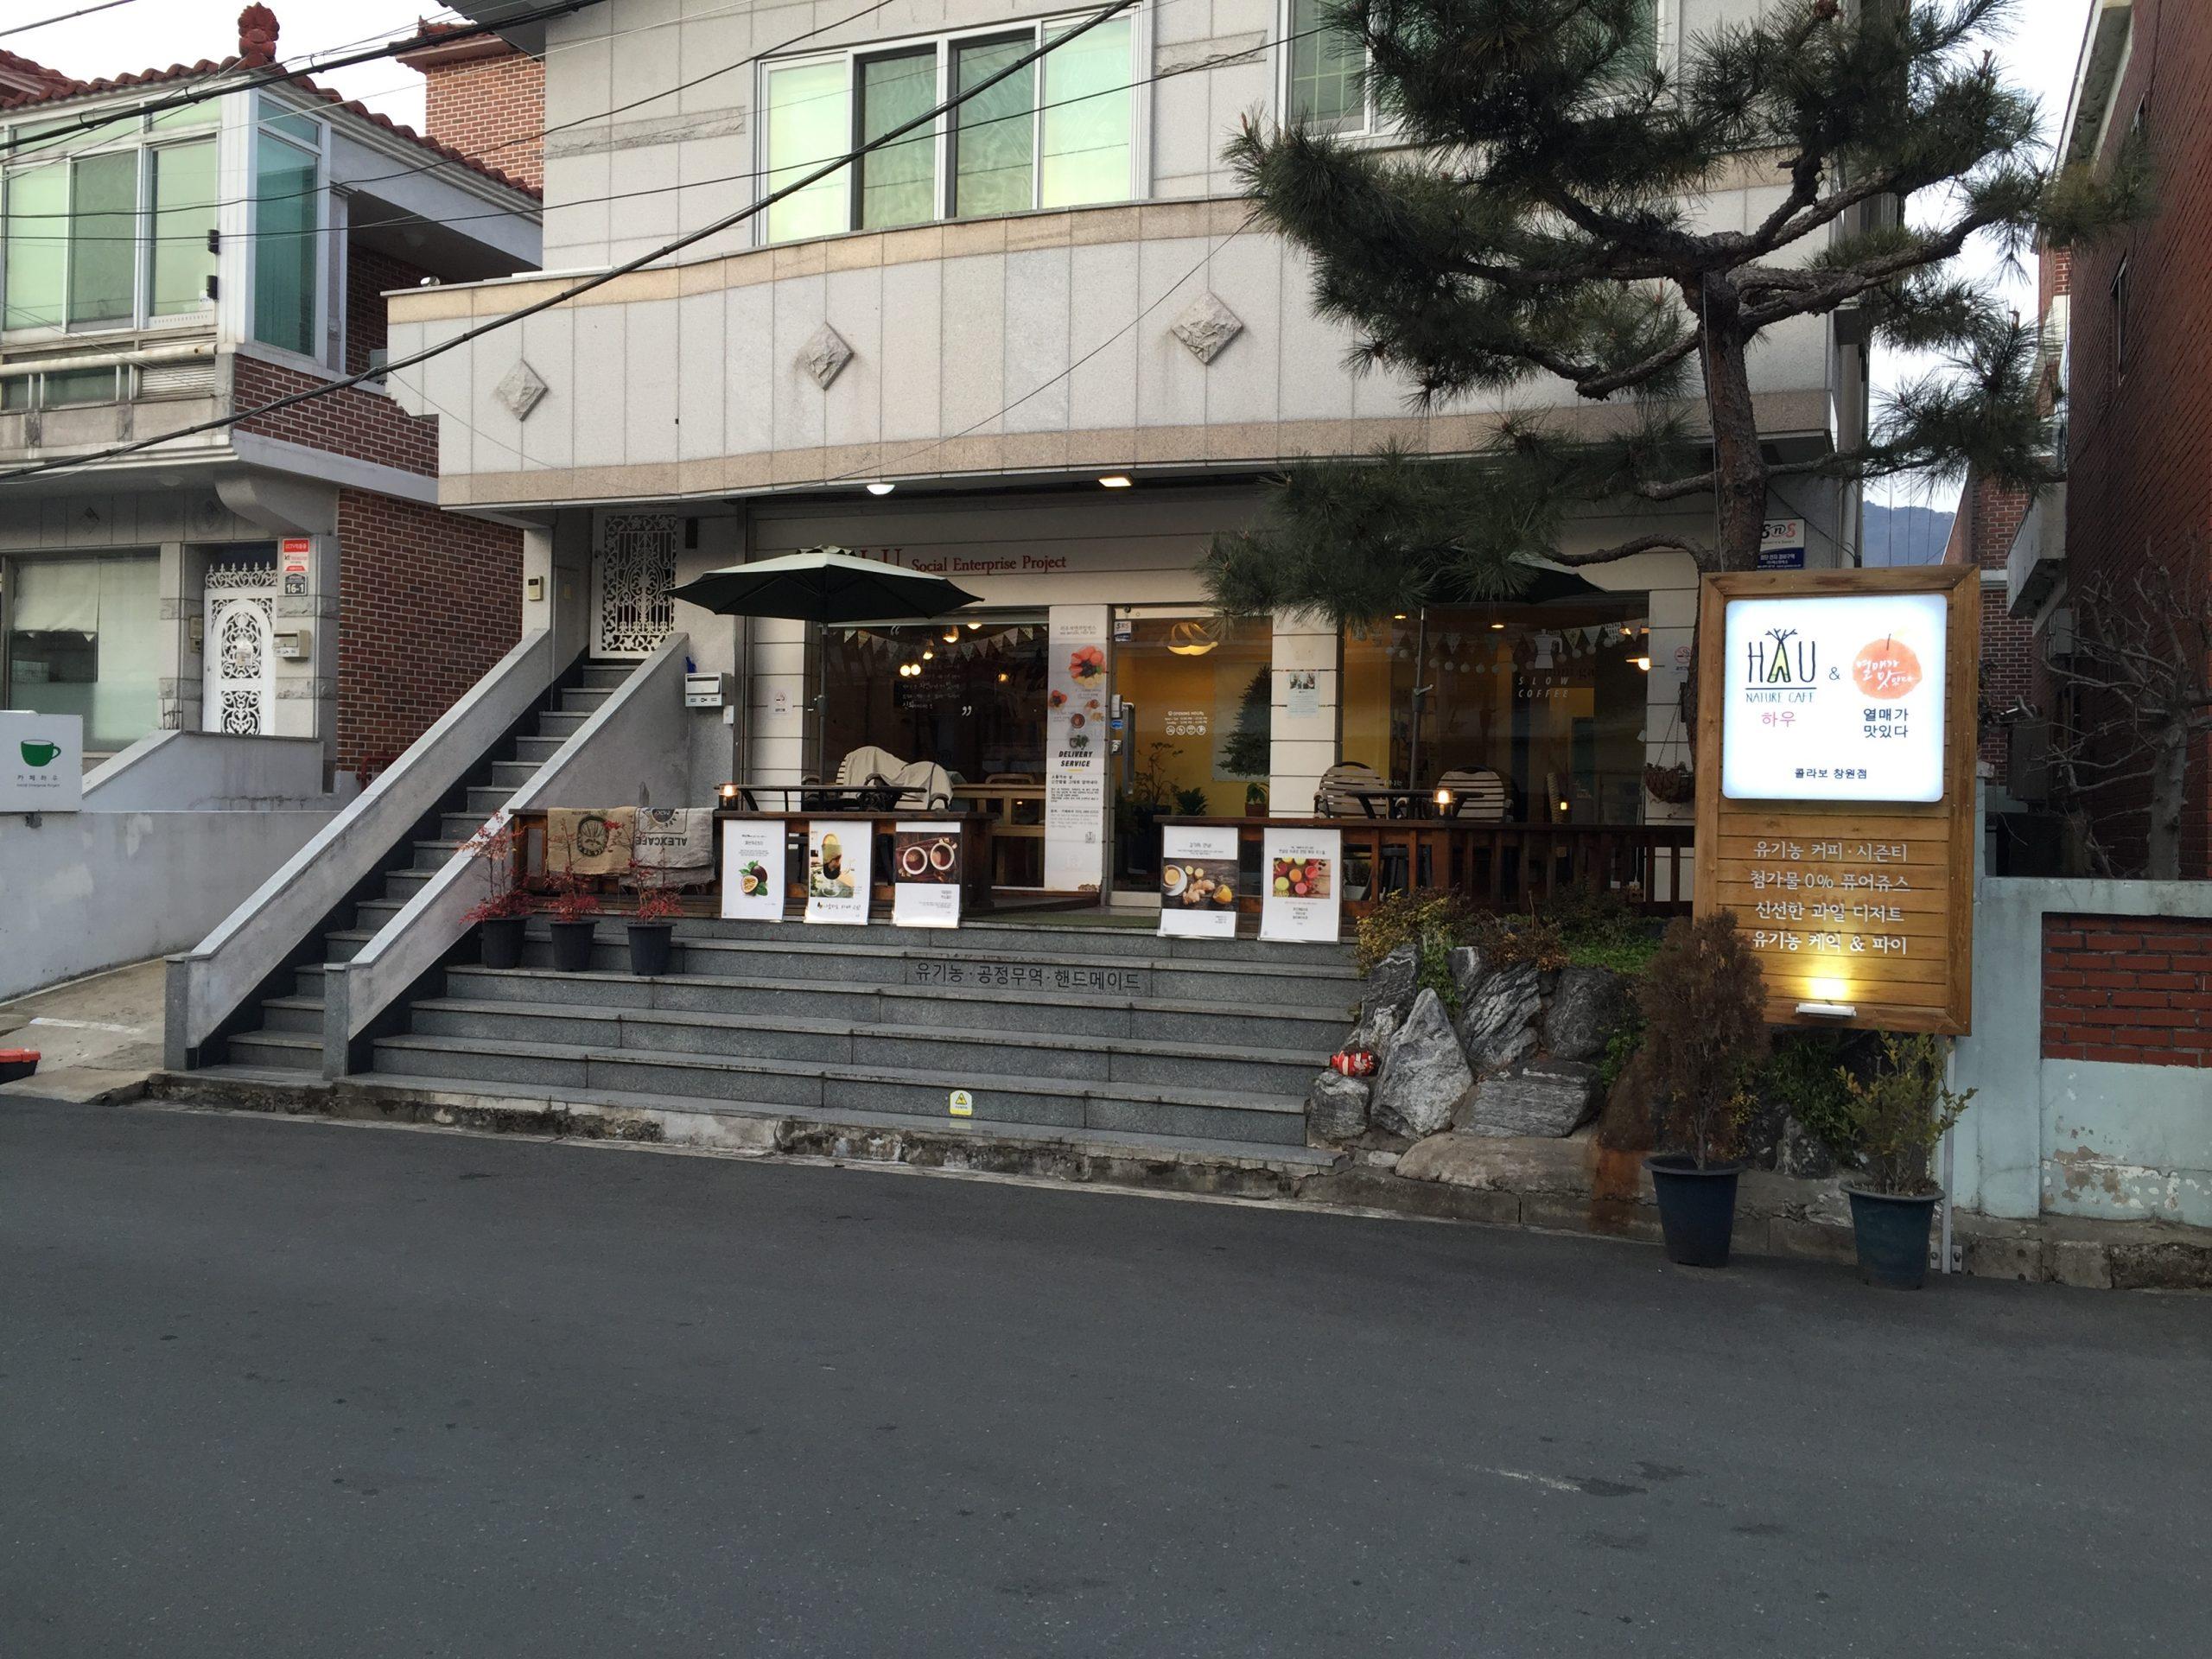 Cafe Hau